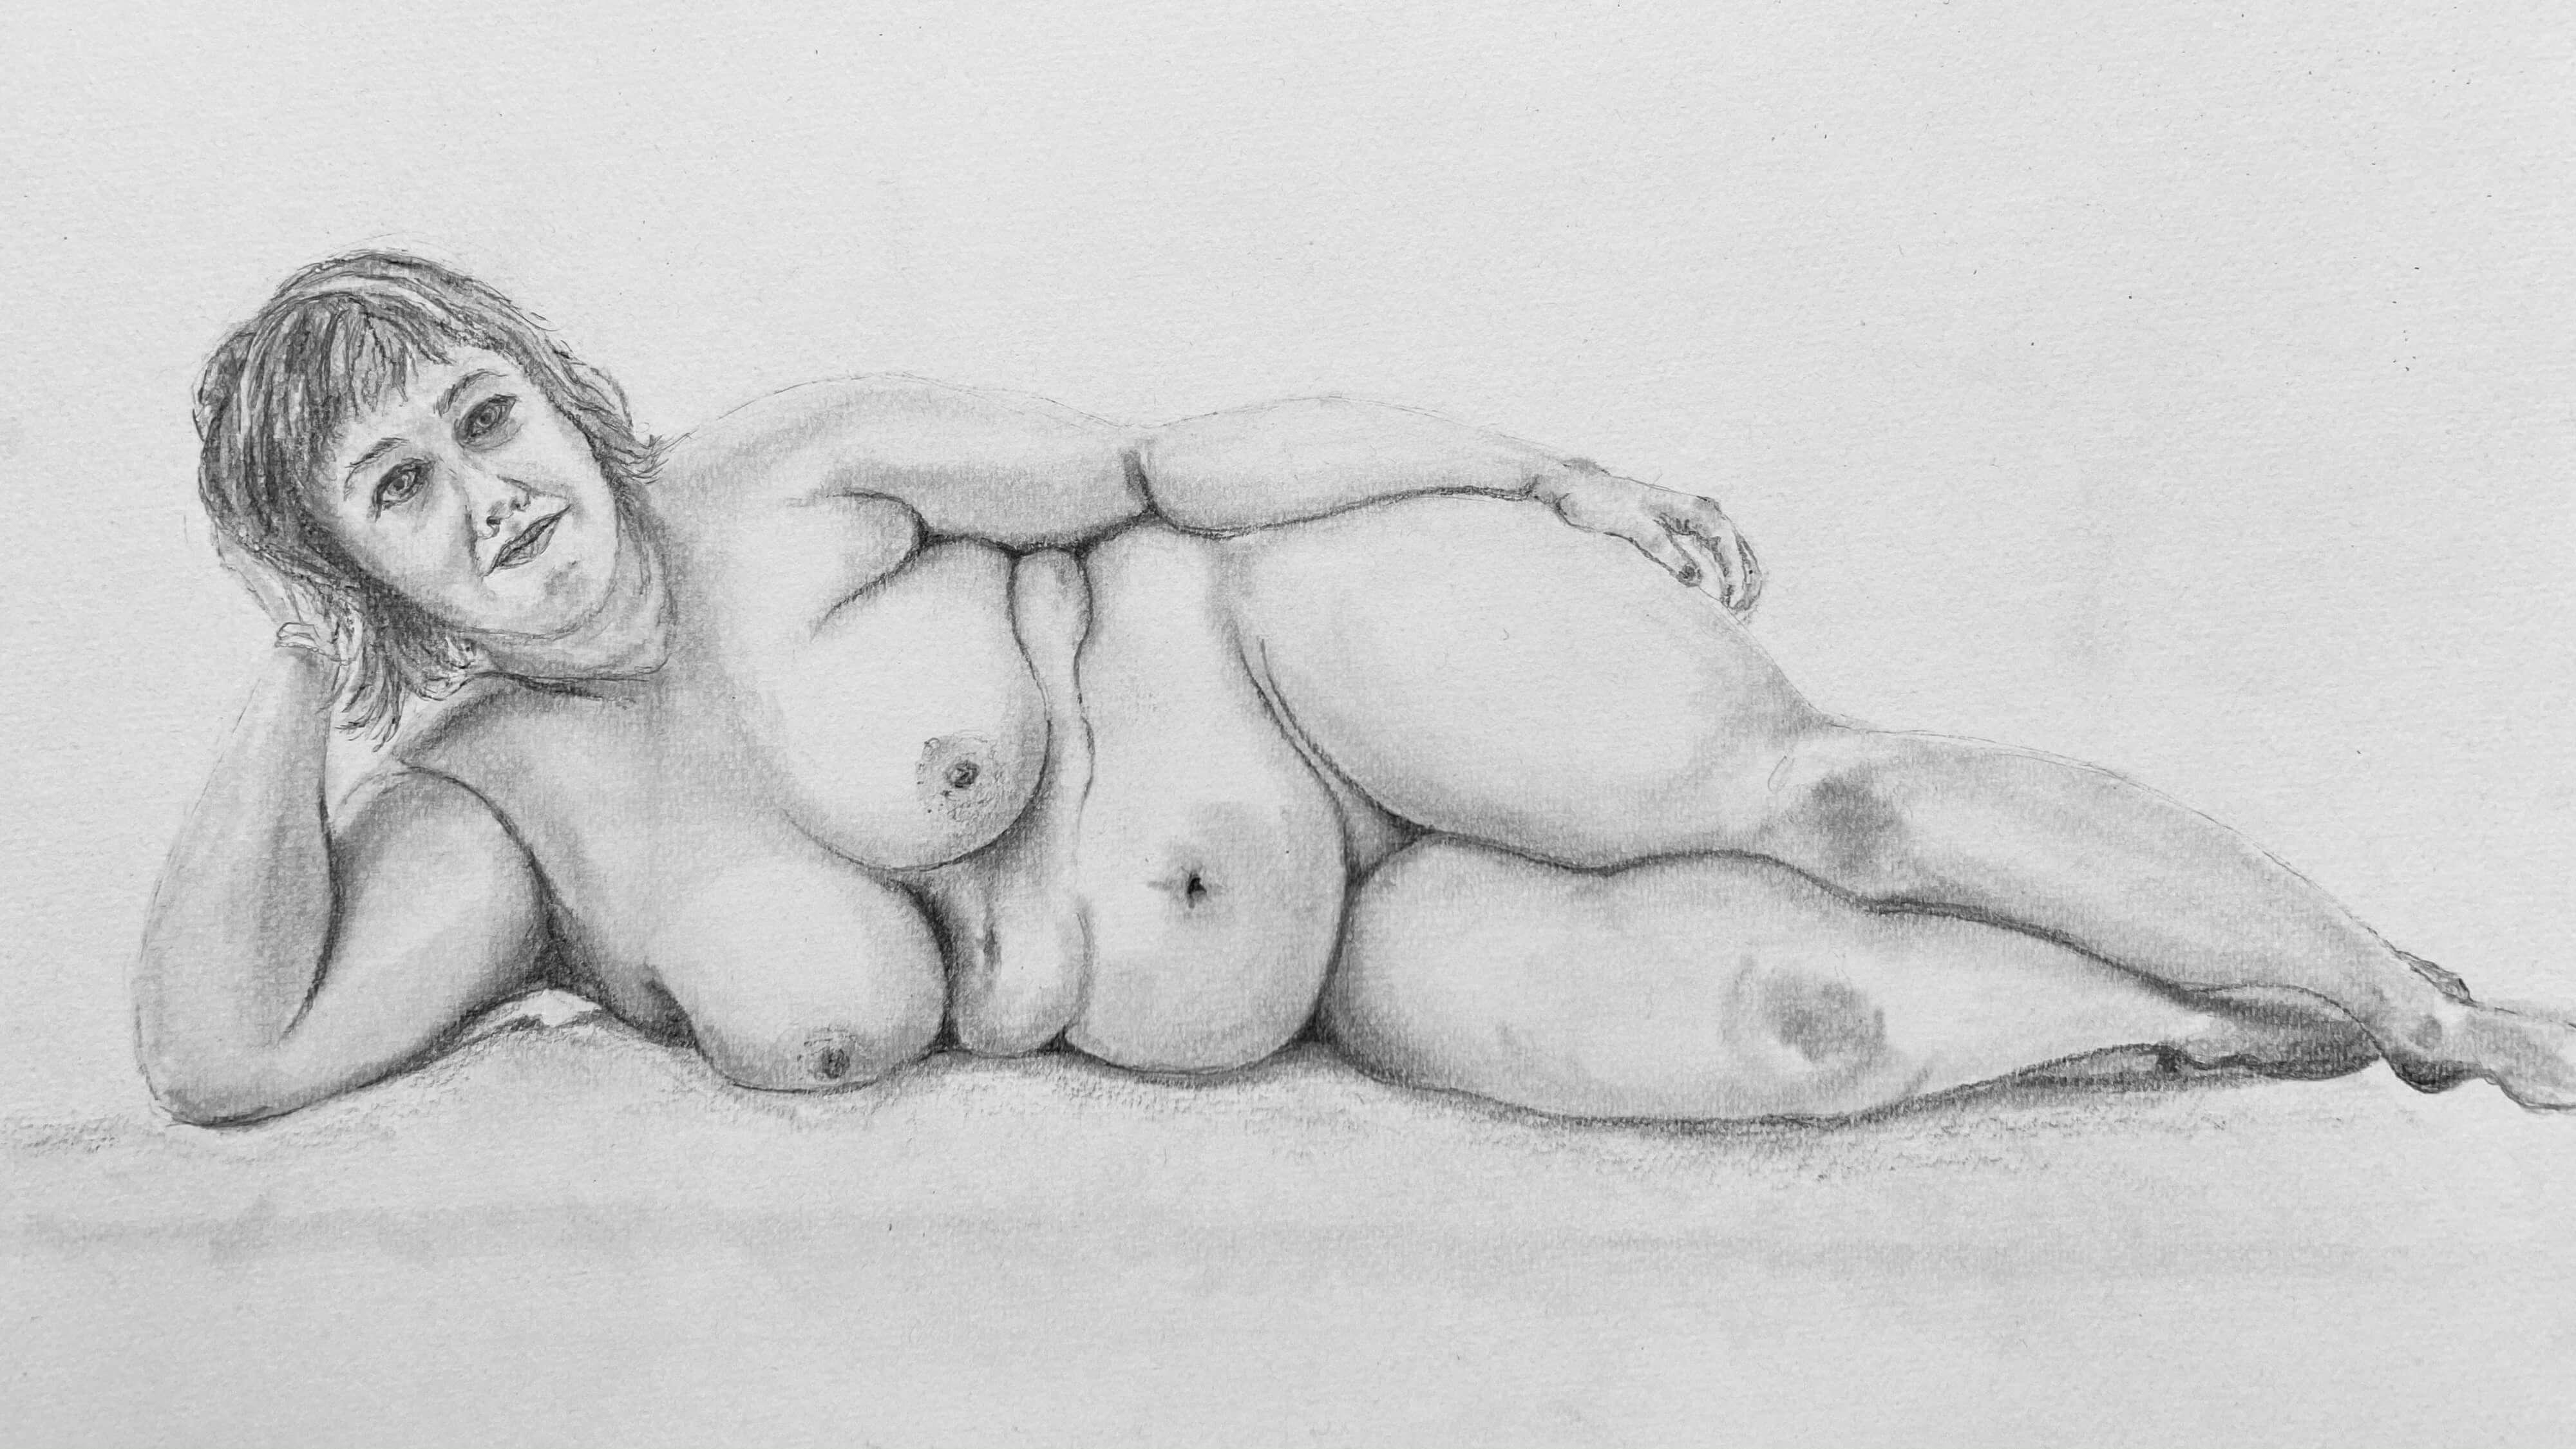 Dessin fusain mod�le allong� femme  cours de dessin